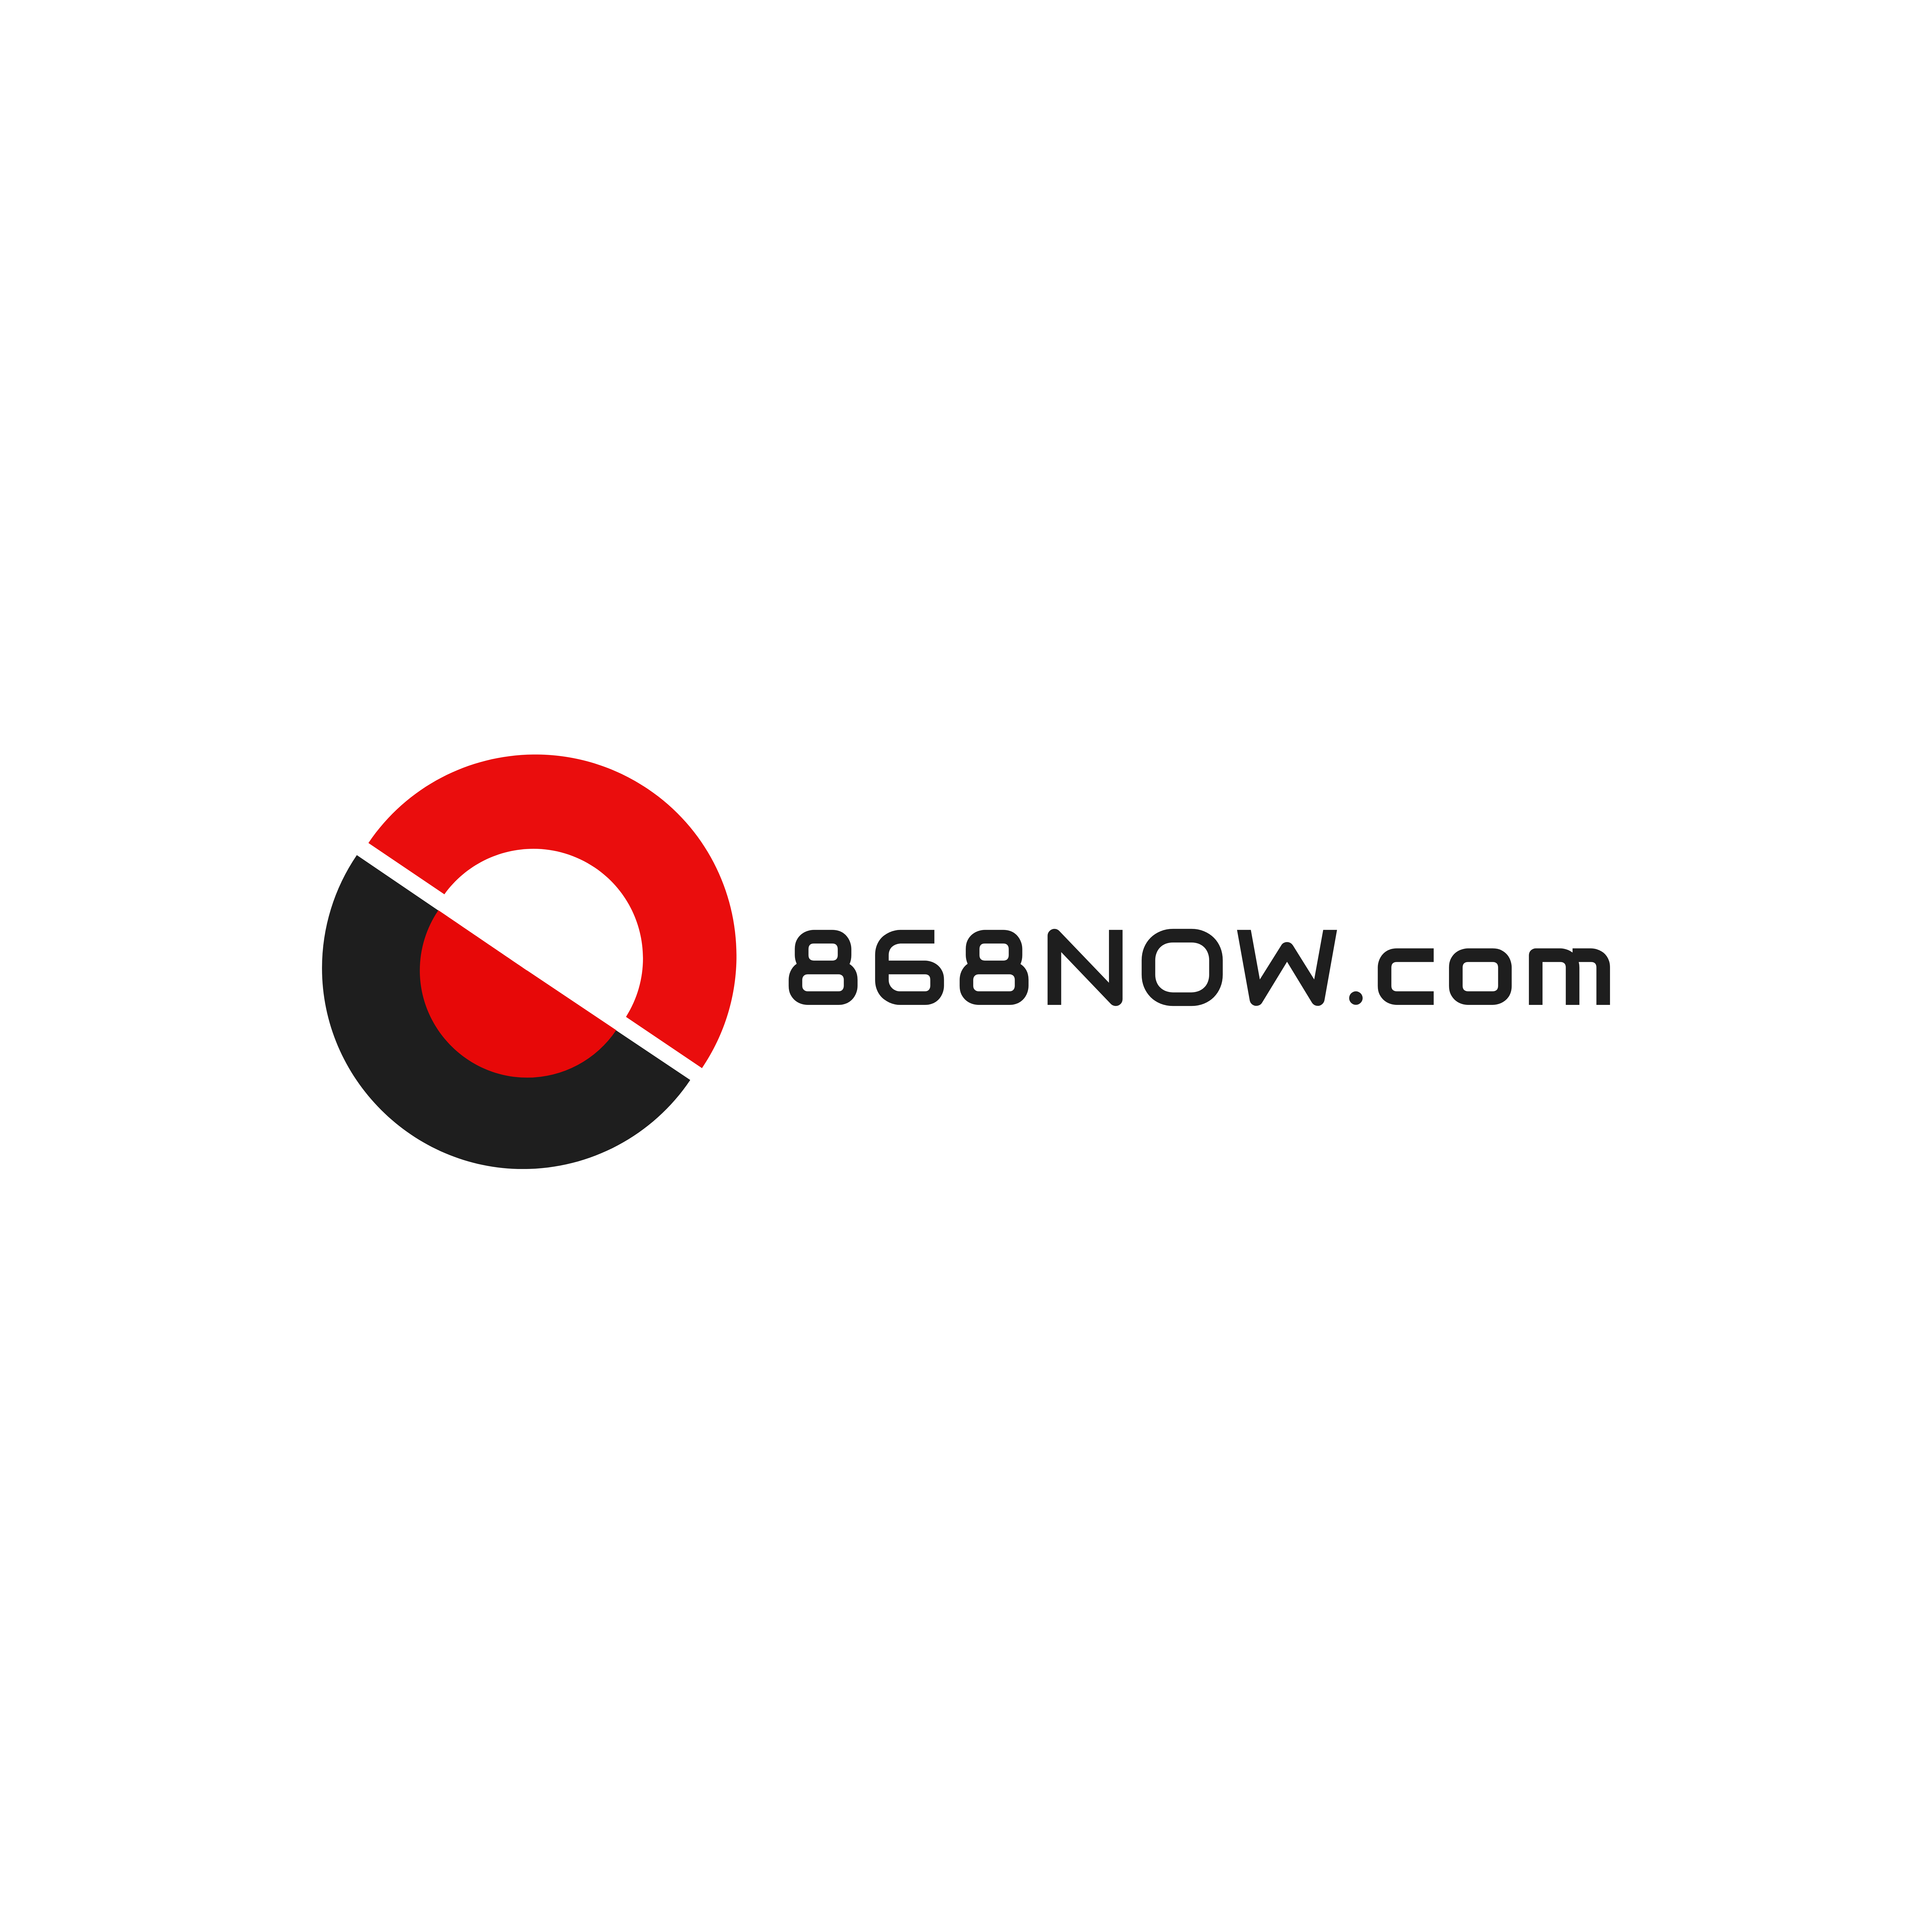 868NOW.com